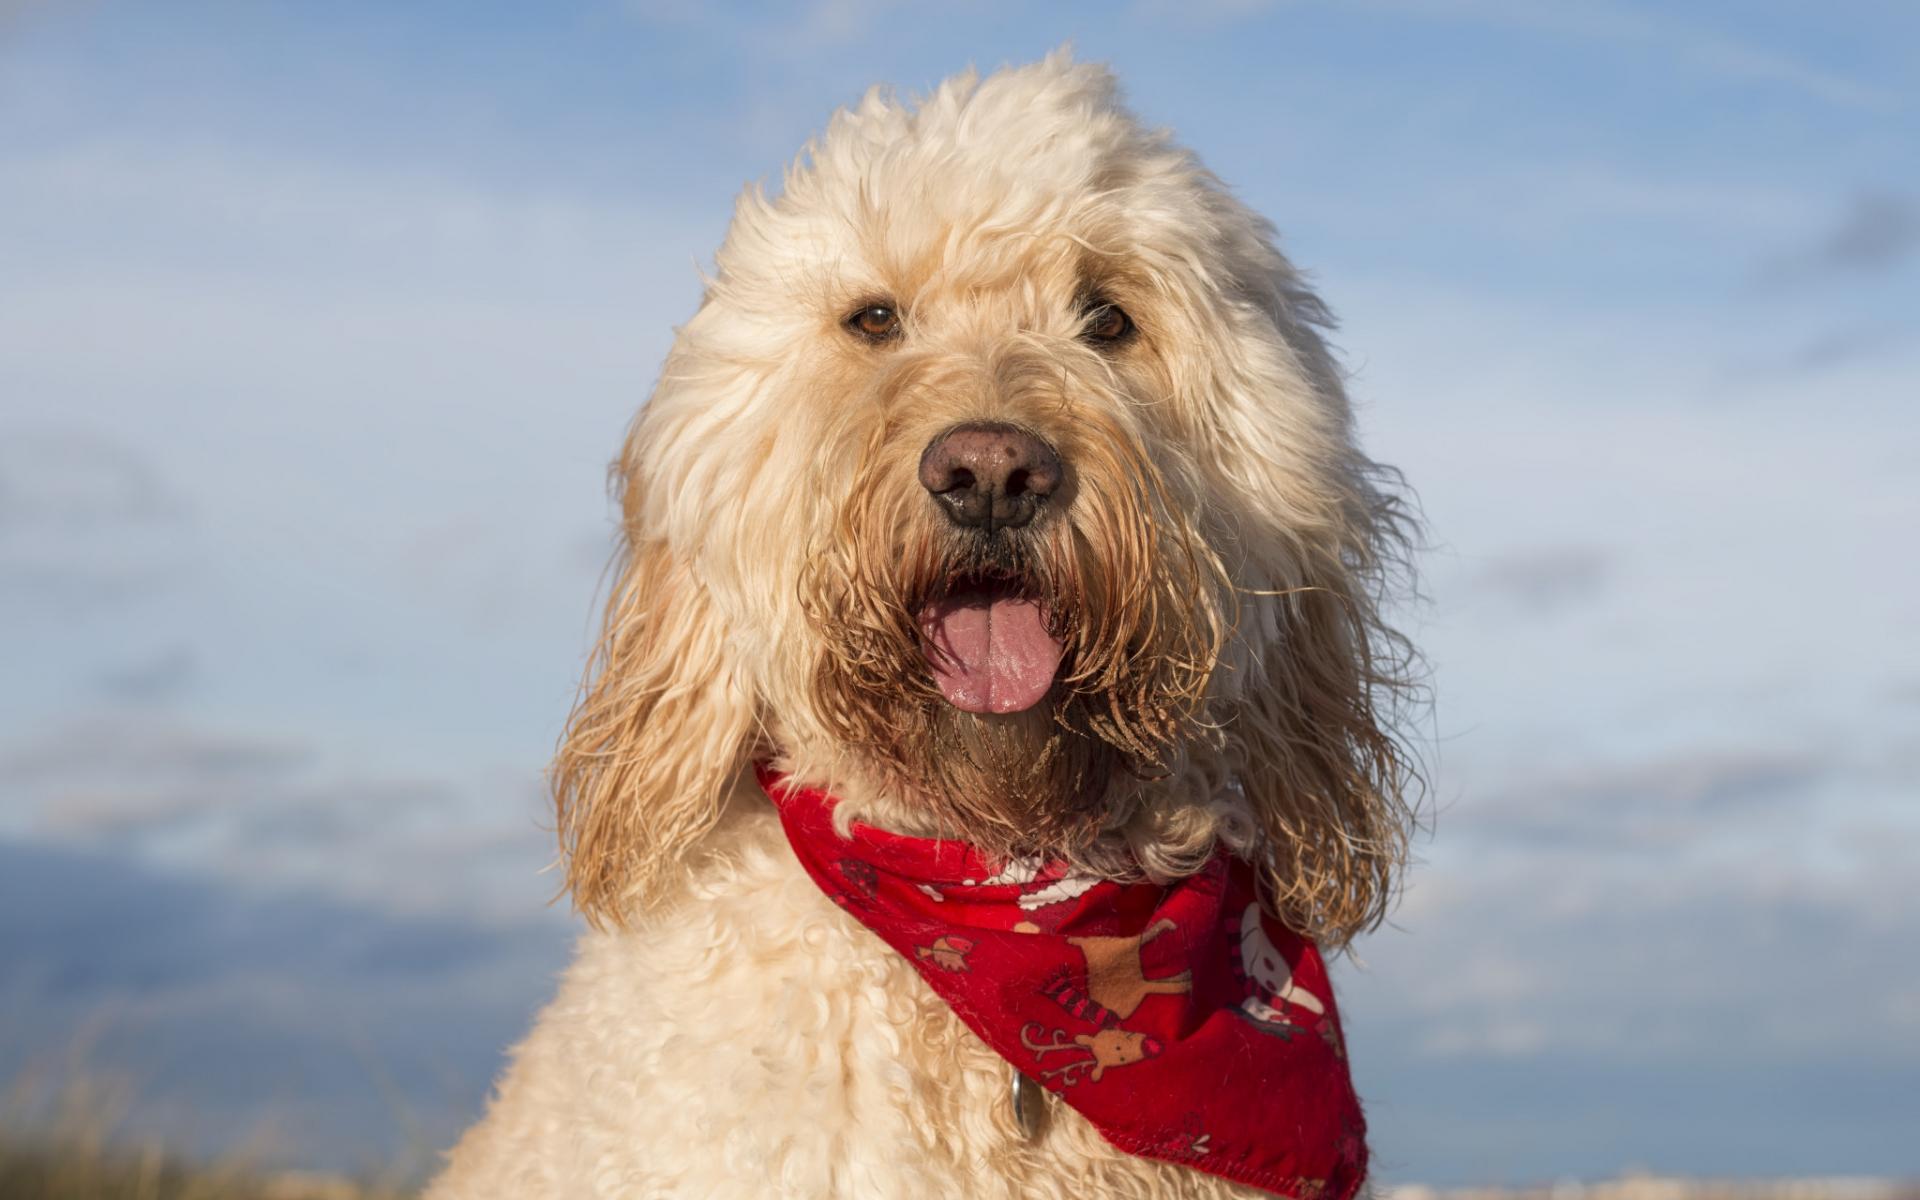 Fotografías de perros - 1920x1200